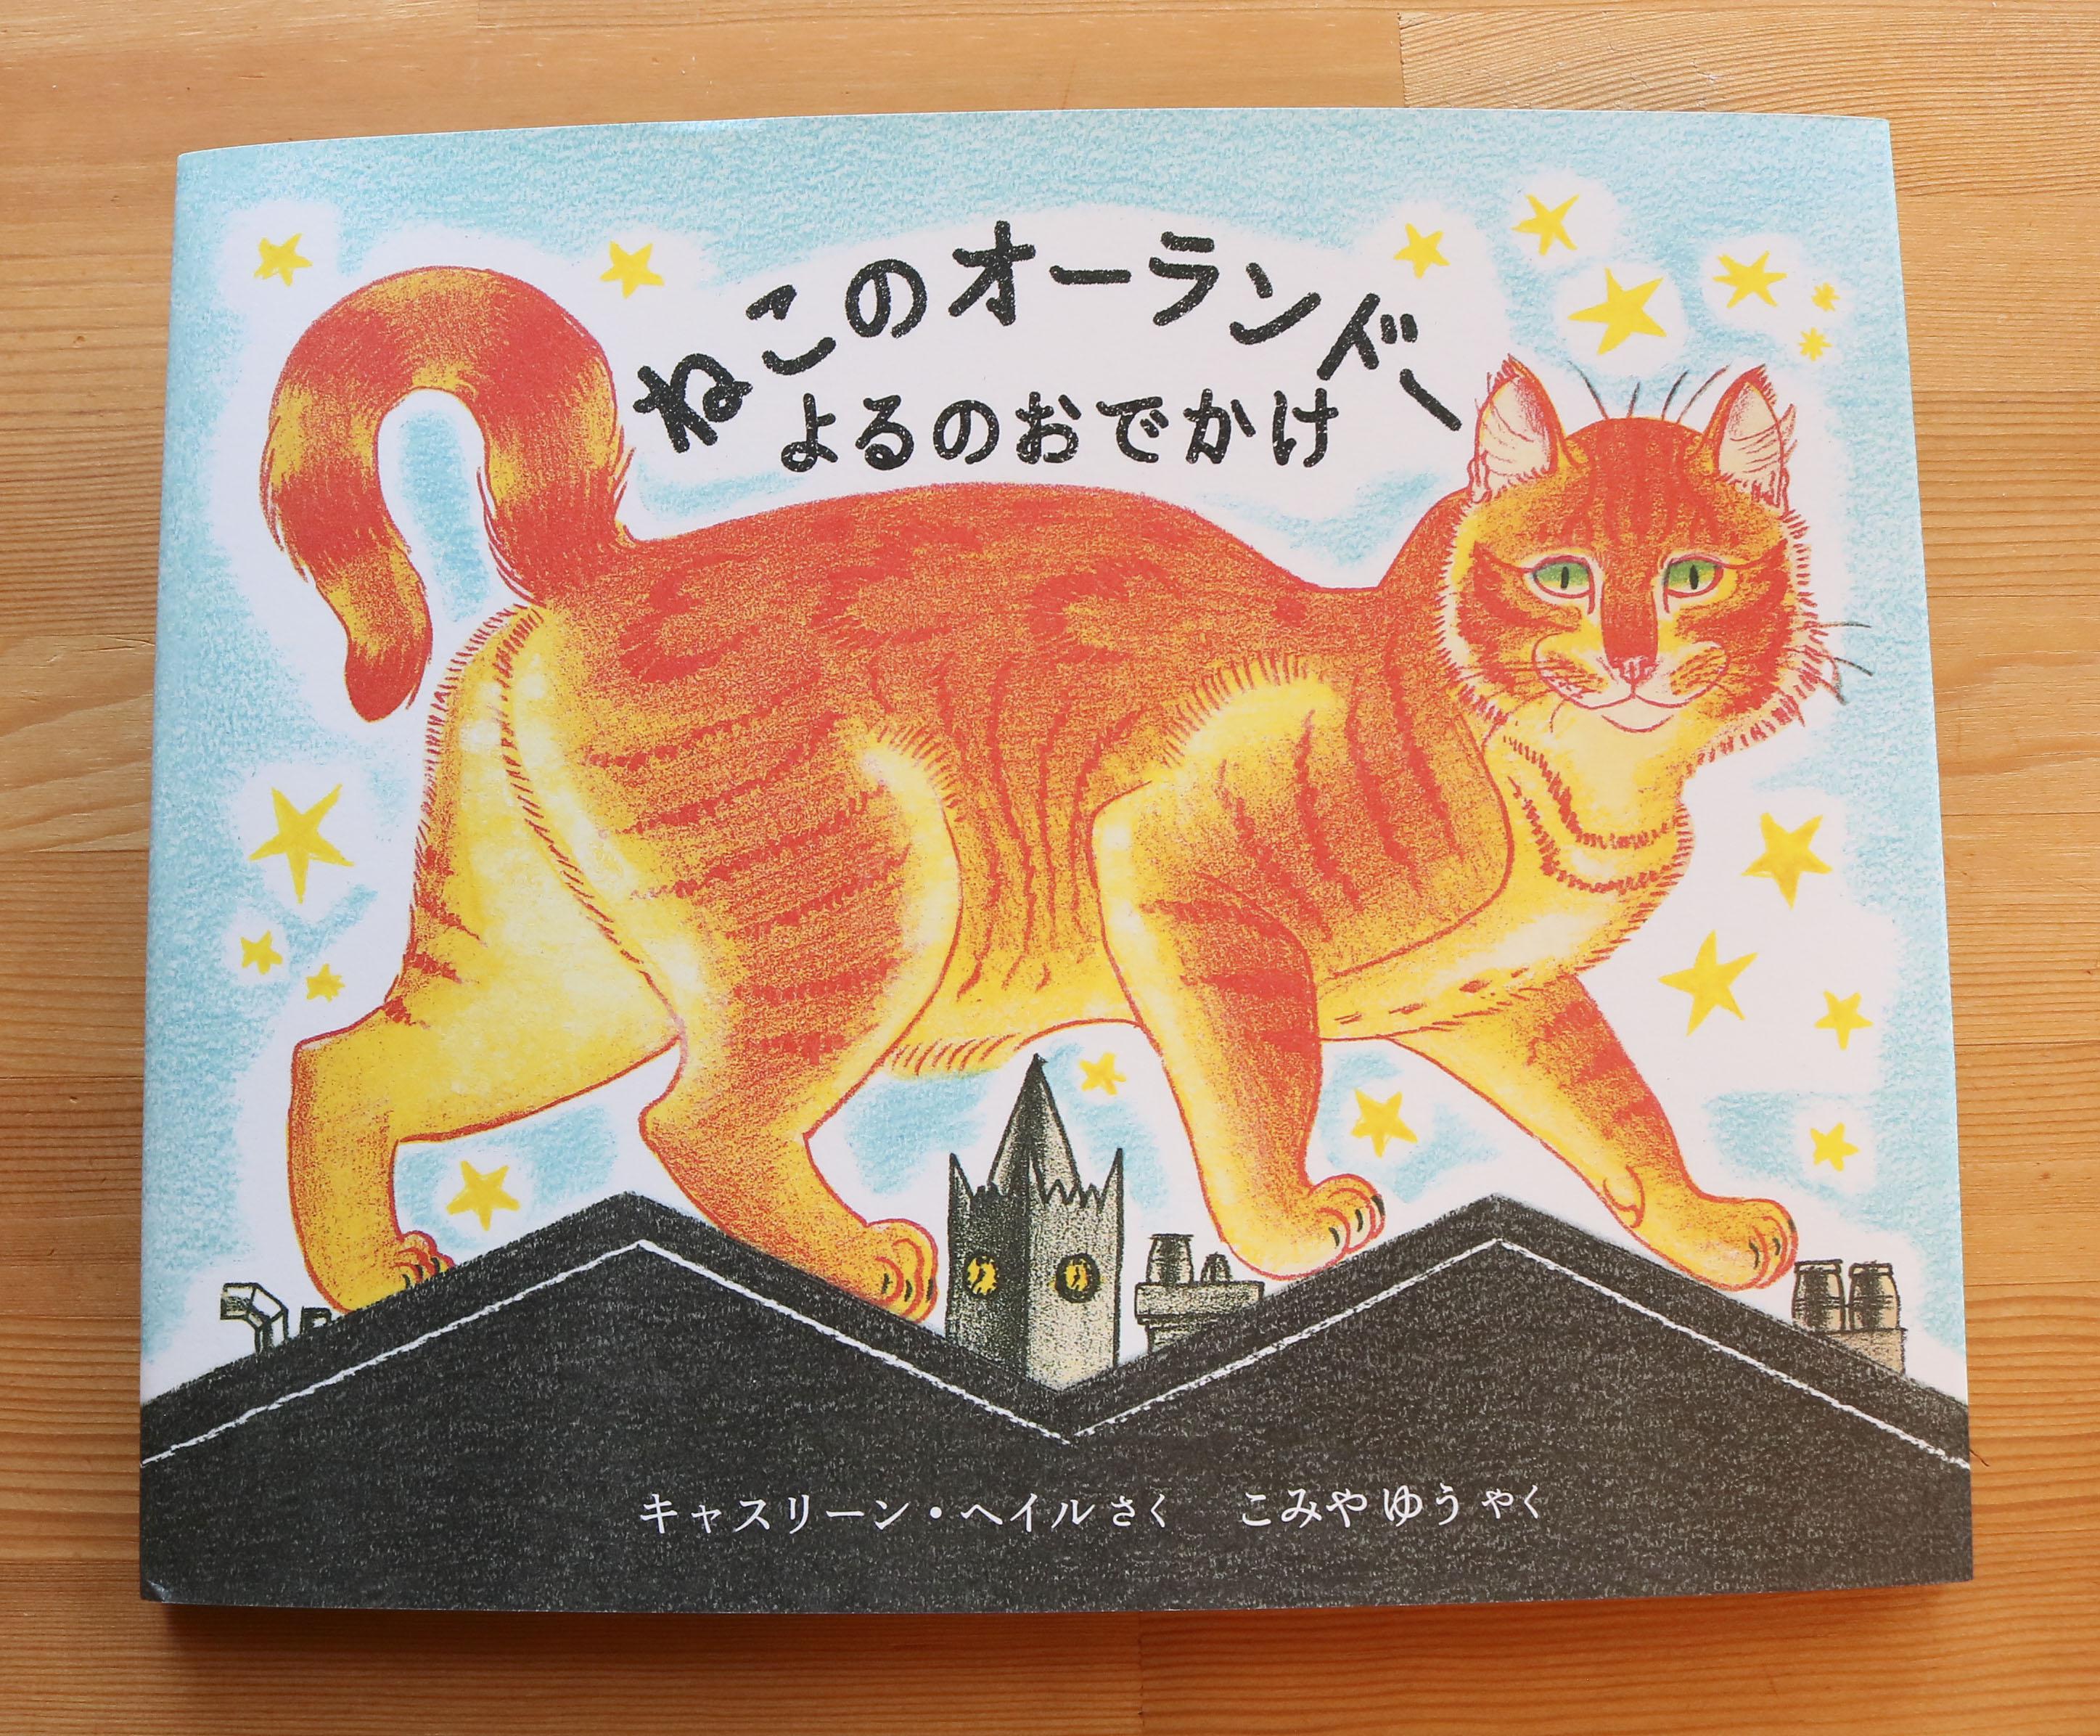 ねこのオーランドーよるのおでかけ  秋田 絵本 猫絵本 かぎしっぽ